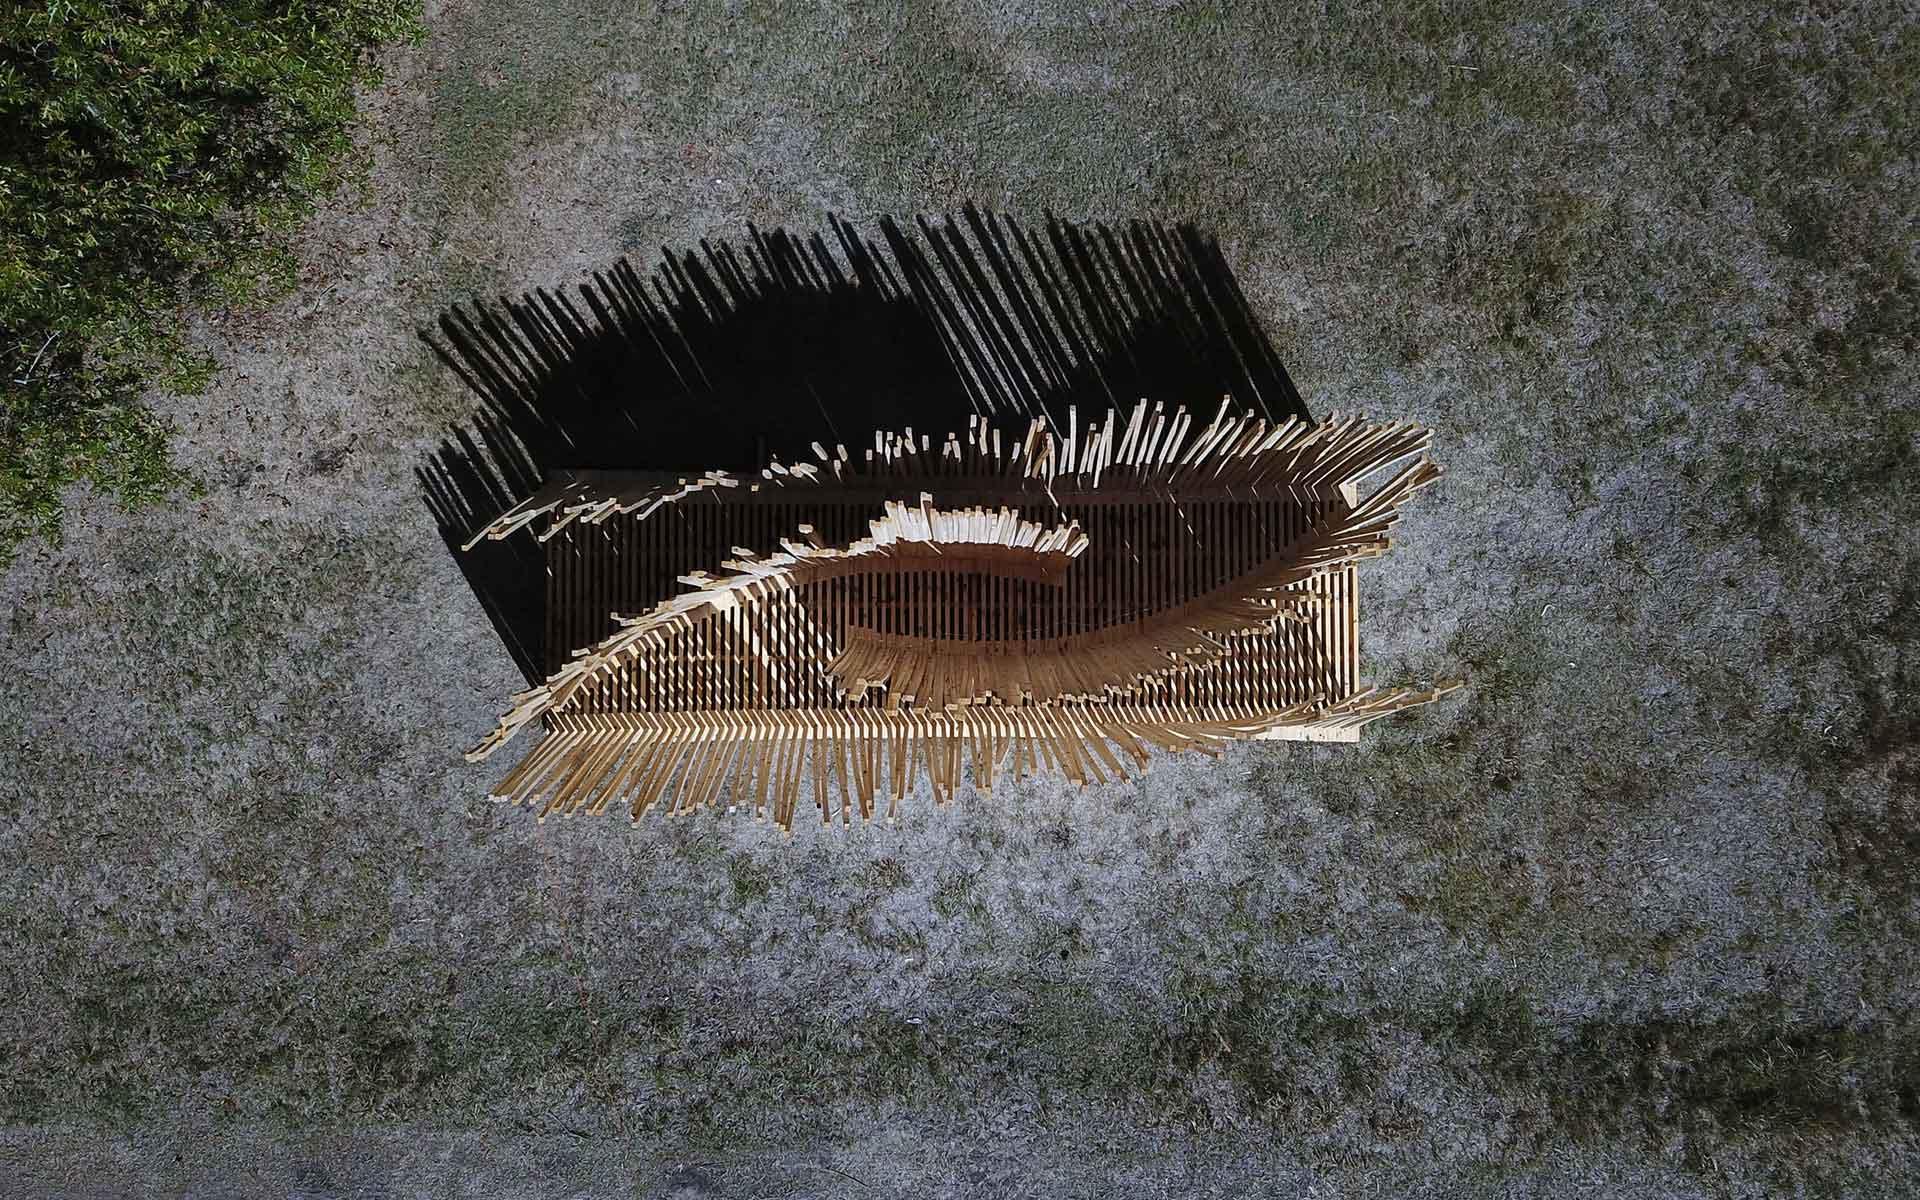 Arquitectura Diseño, Instalación Artistica: Construcción en Madera Vista Area desde drone con sombras